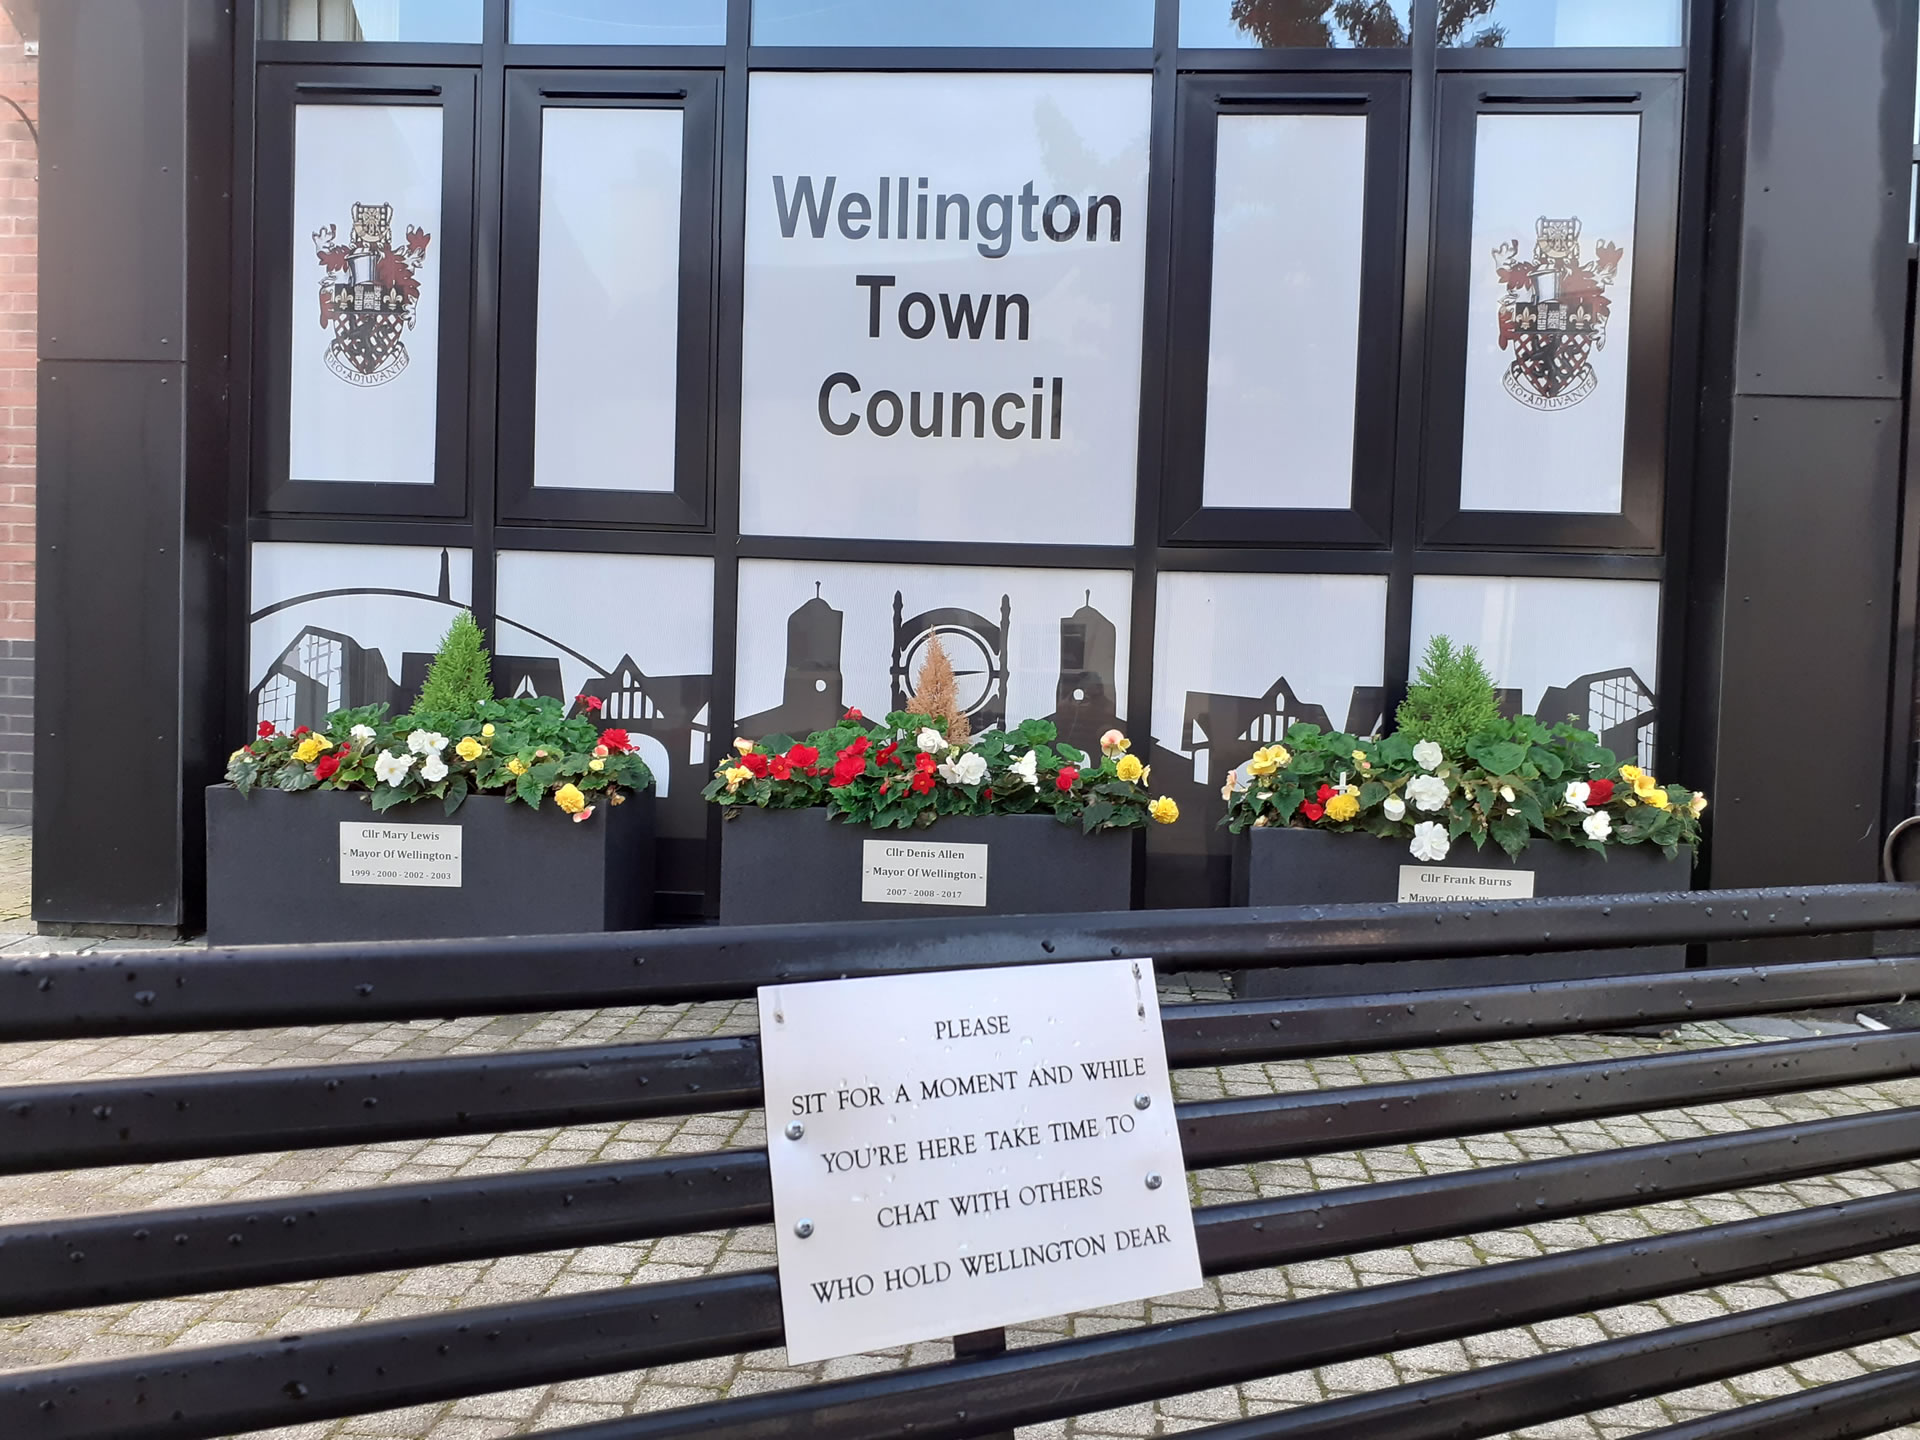 Wellington Town Council Images